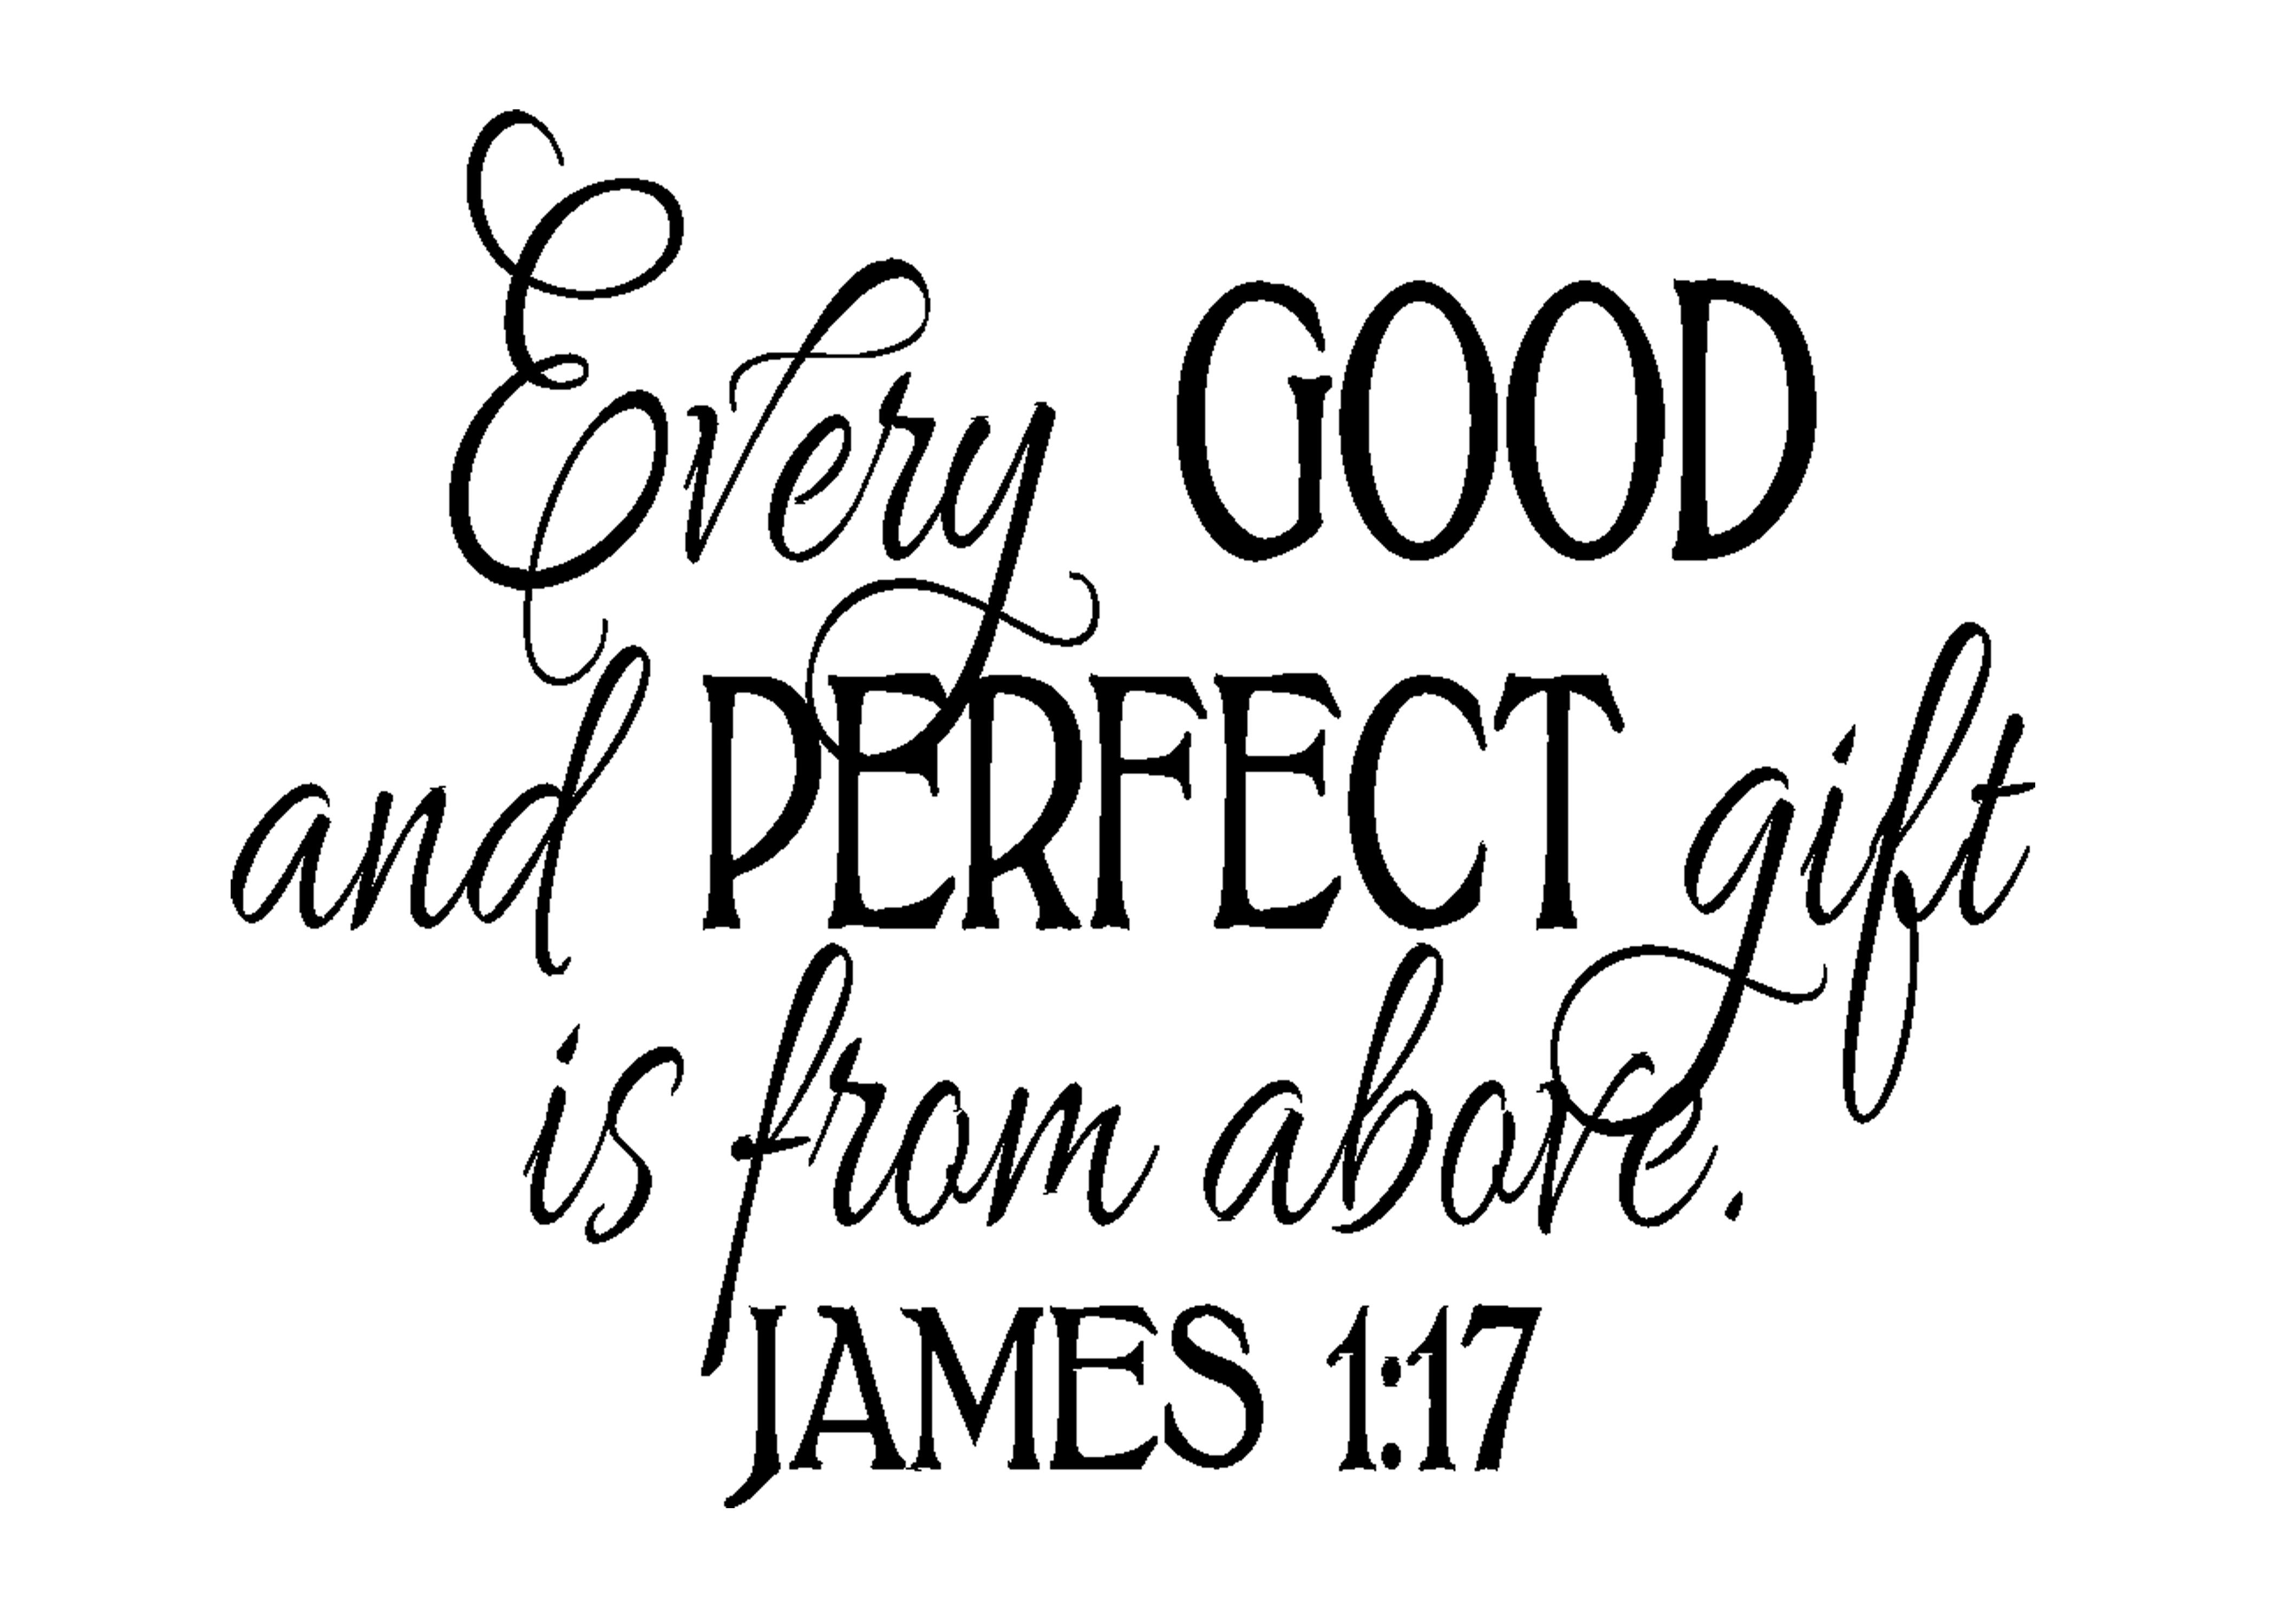 James 1 17 Allura Bolton